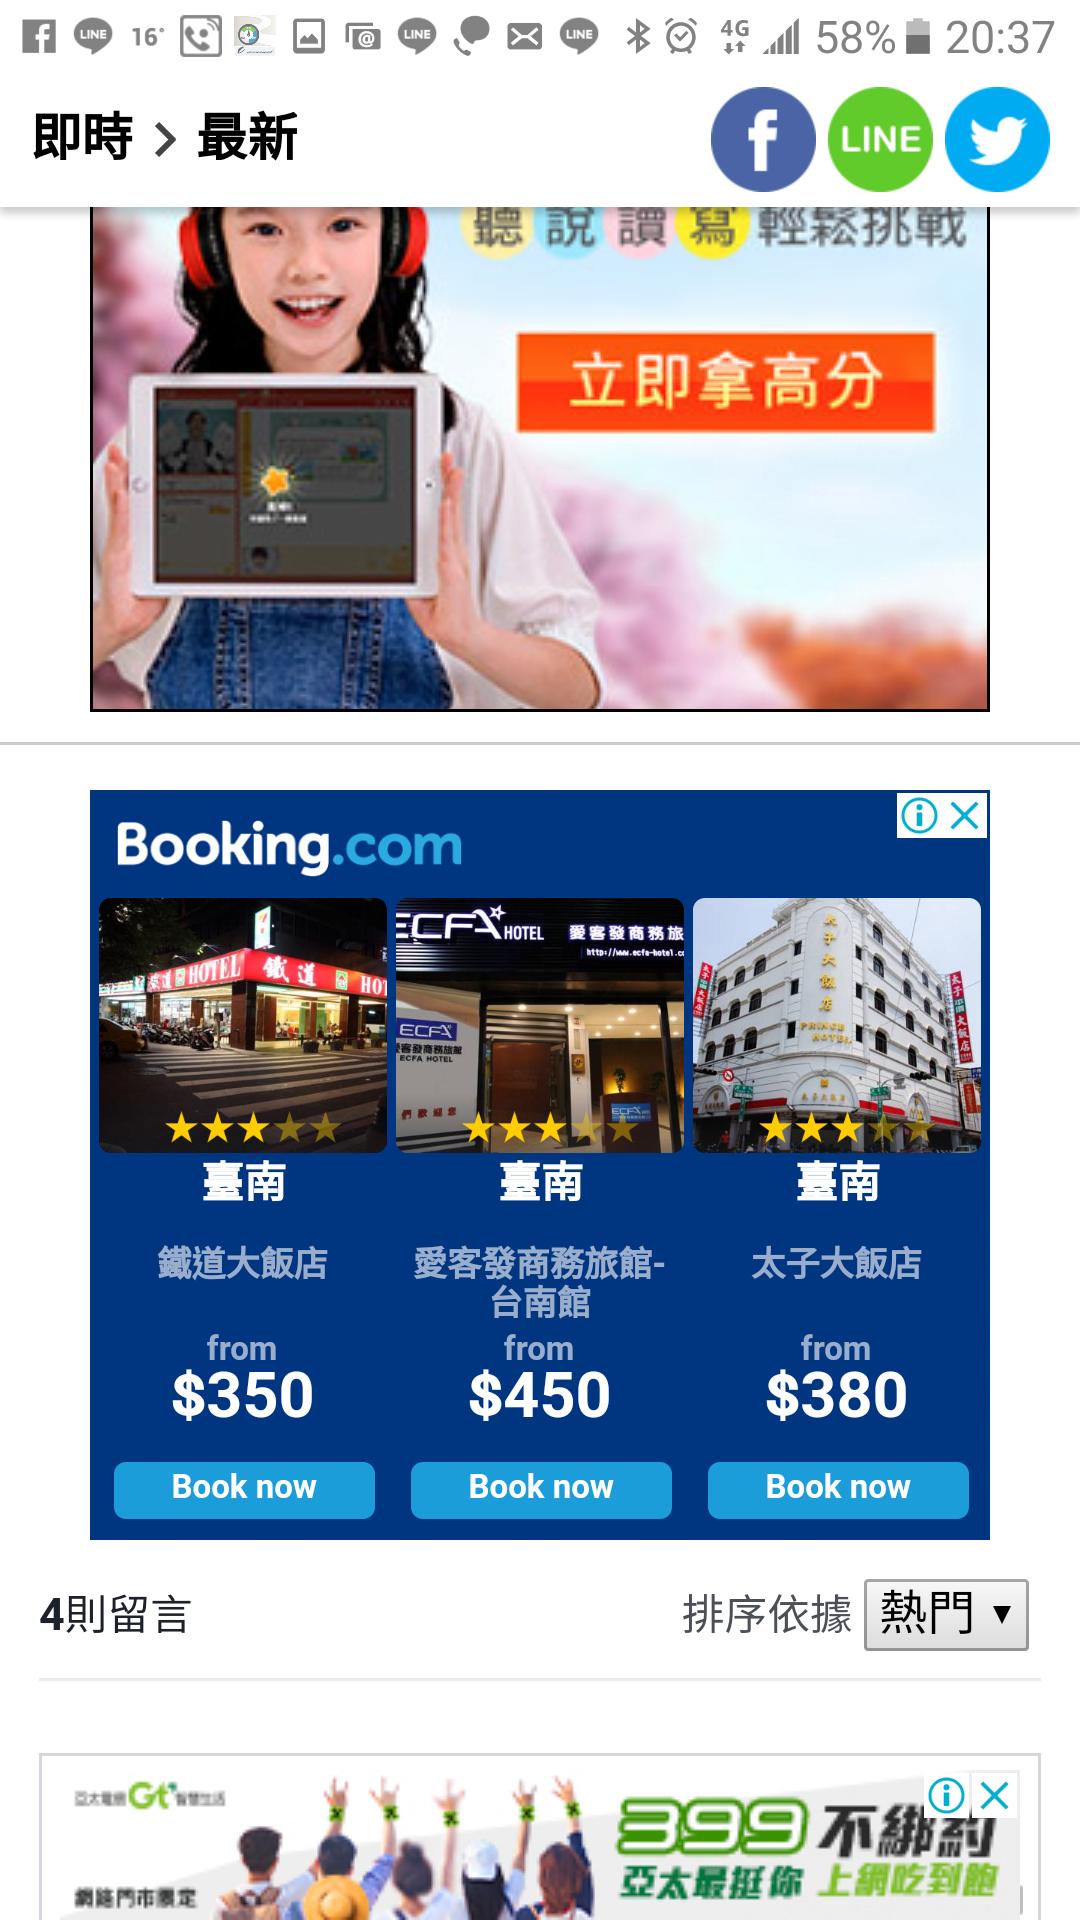 台南知名旅館近來頻頻以超低價促銷吸引買氣。圖/翻攝定房網站